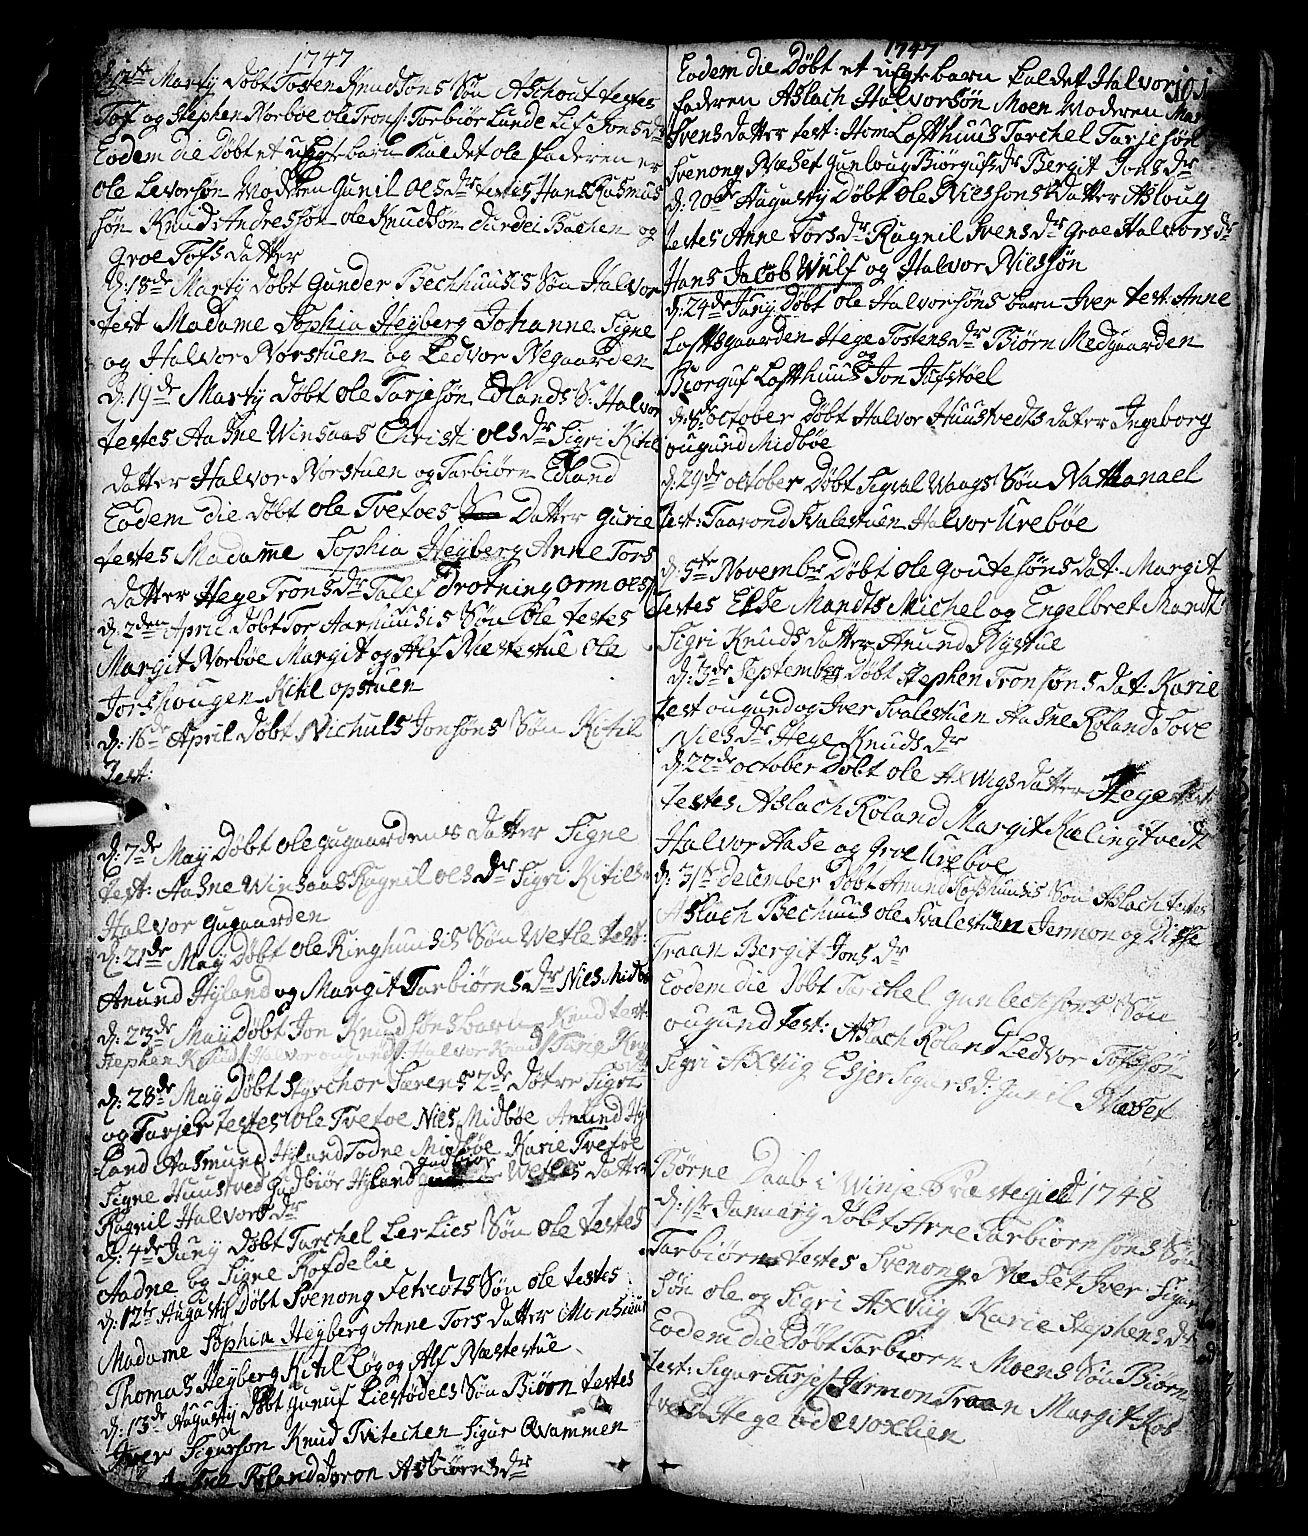 SAKO, Vinje kirkebøker, F/Fa/L0001: Ministerialbok nr. I 1, 1717-1766, s. 101